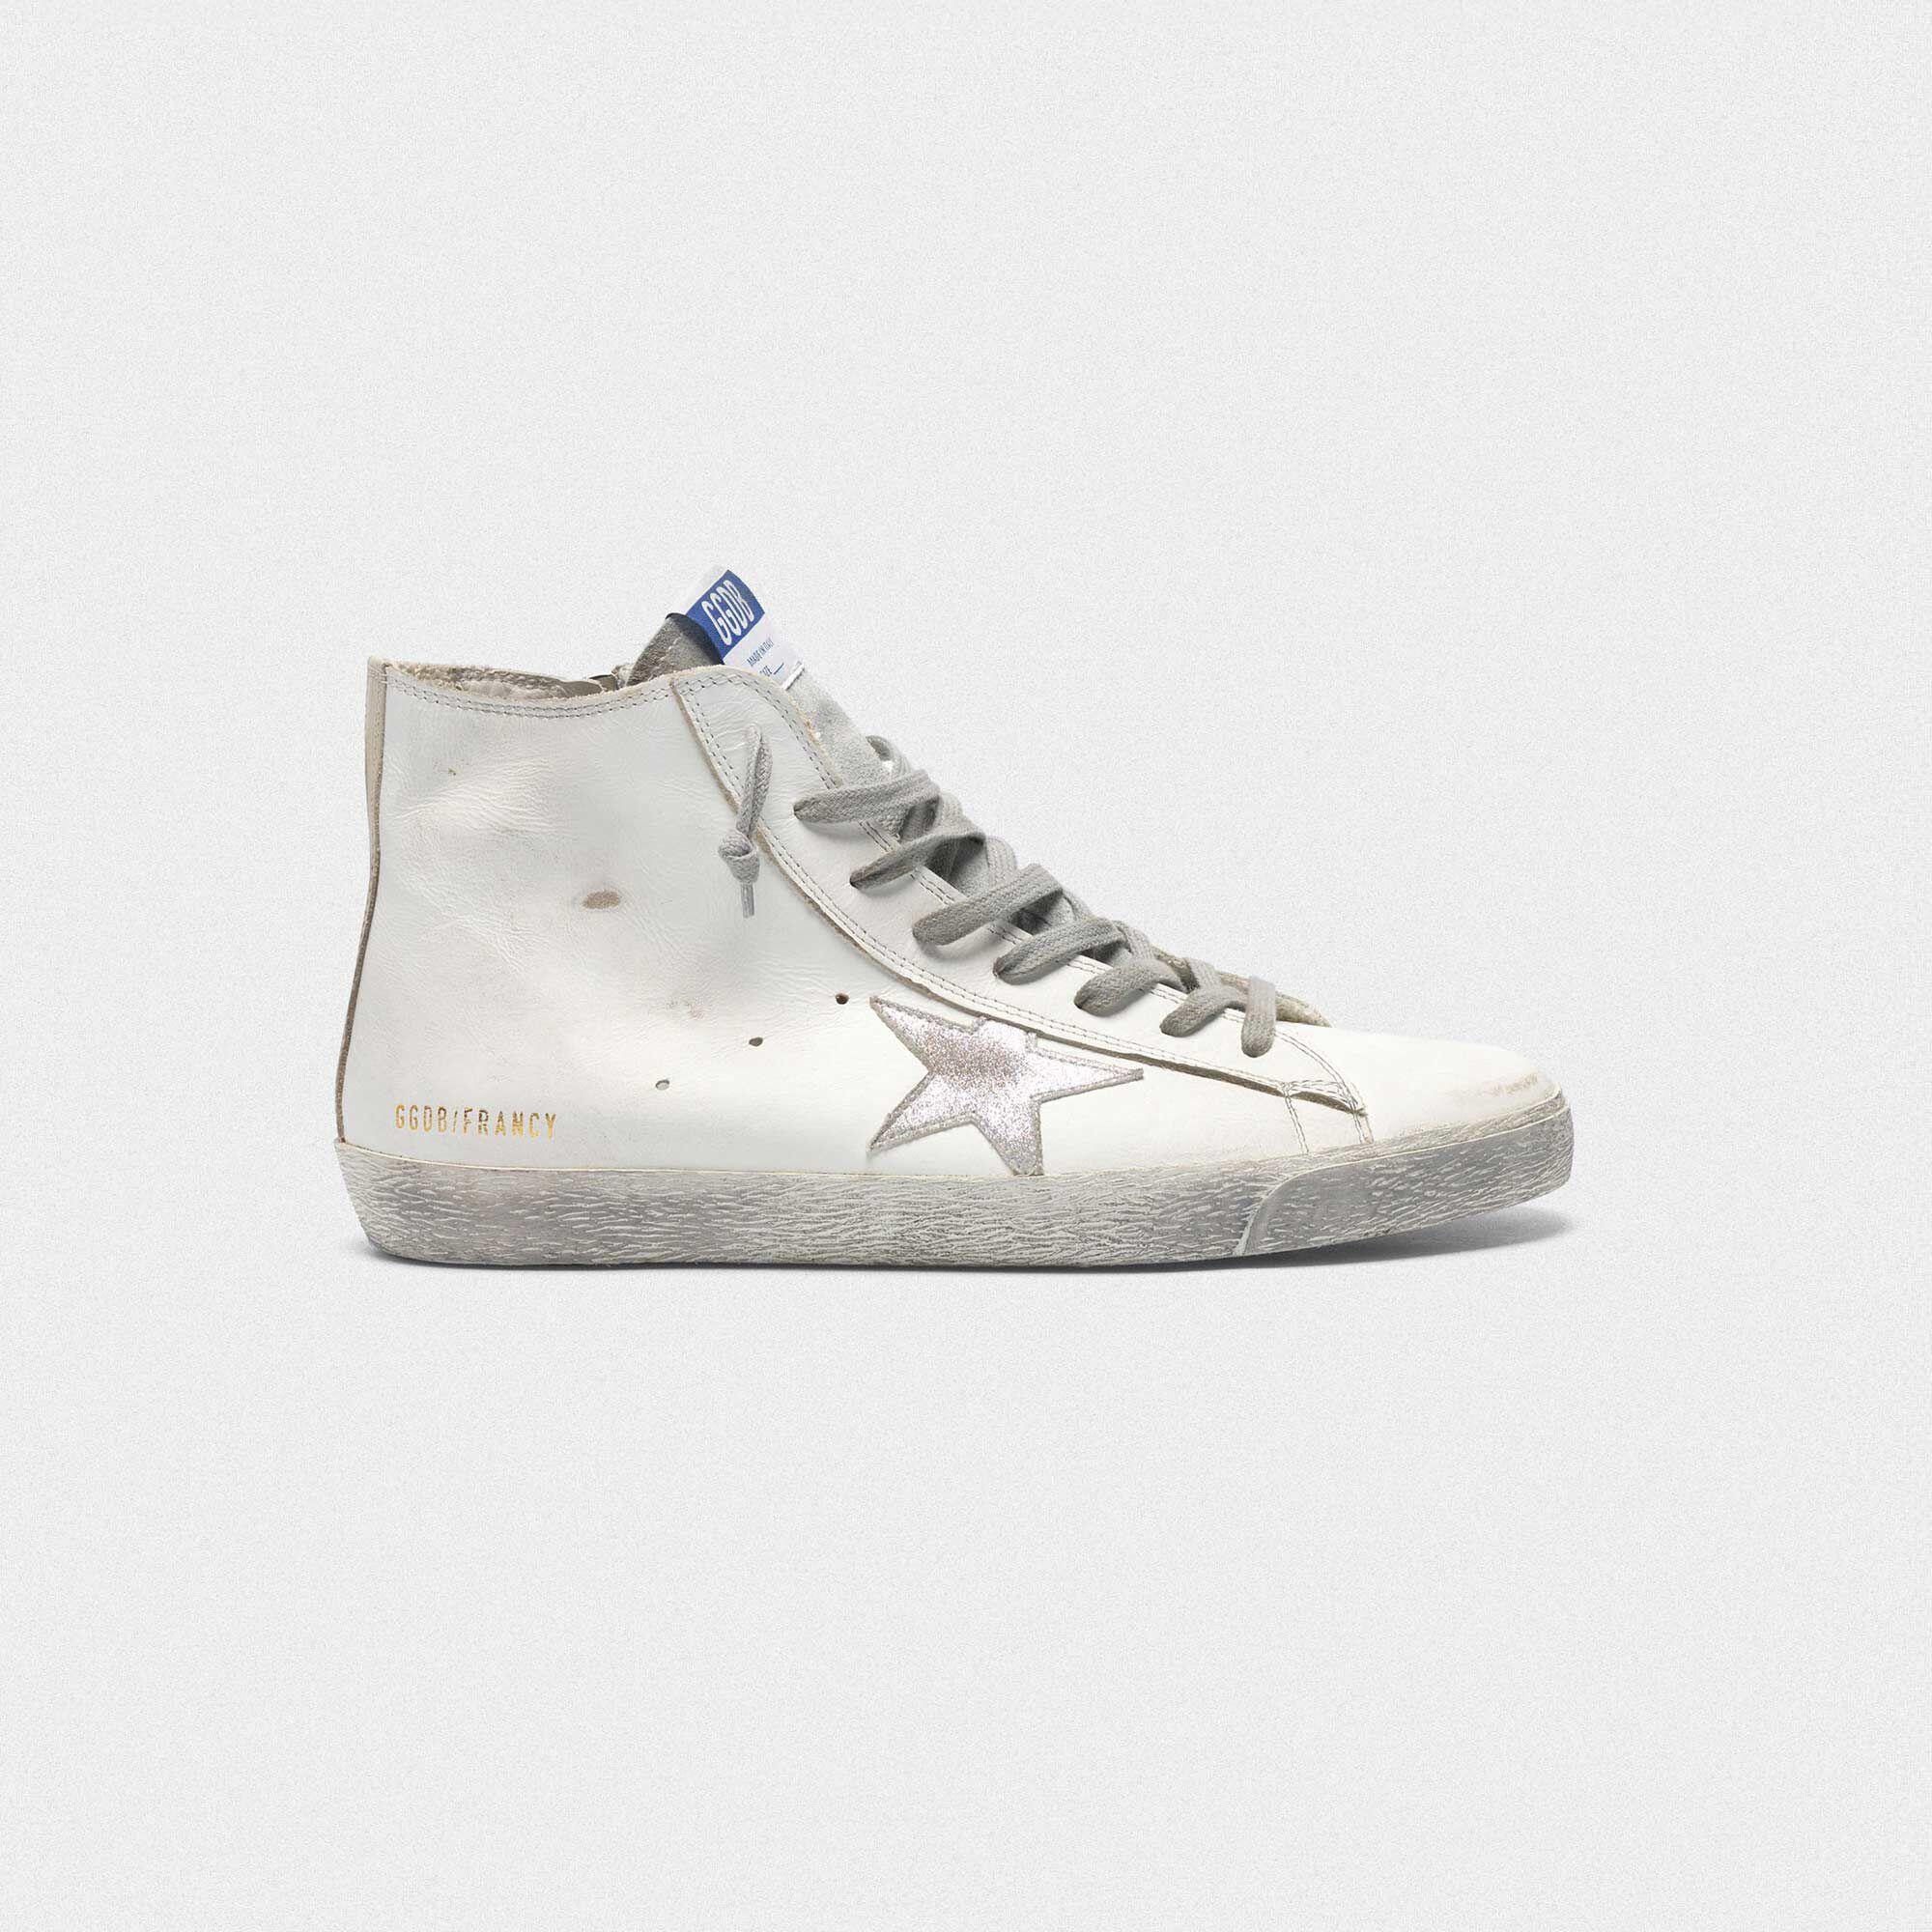 Herren Sneakers | Golden Goose Deluxe Brand